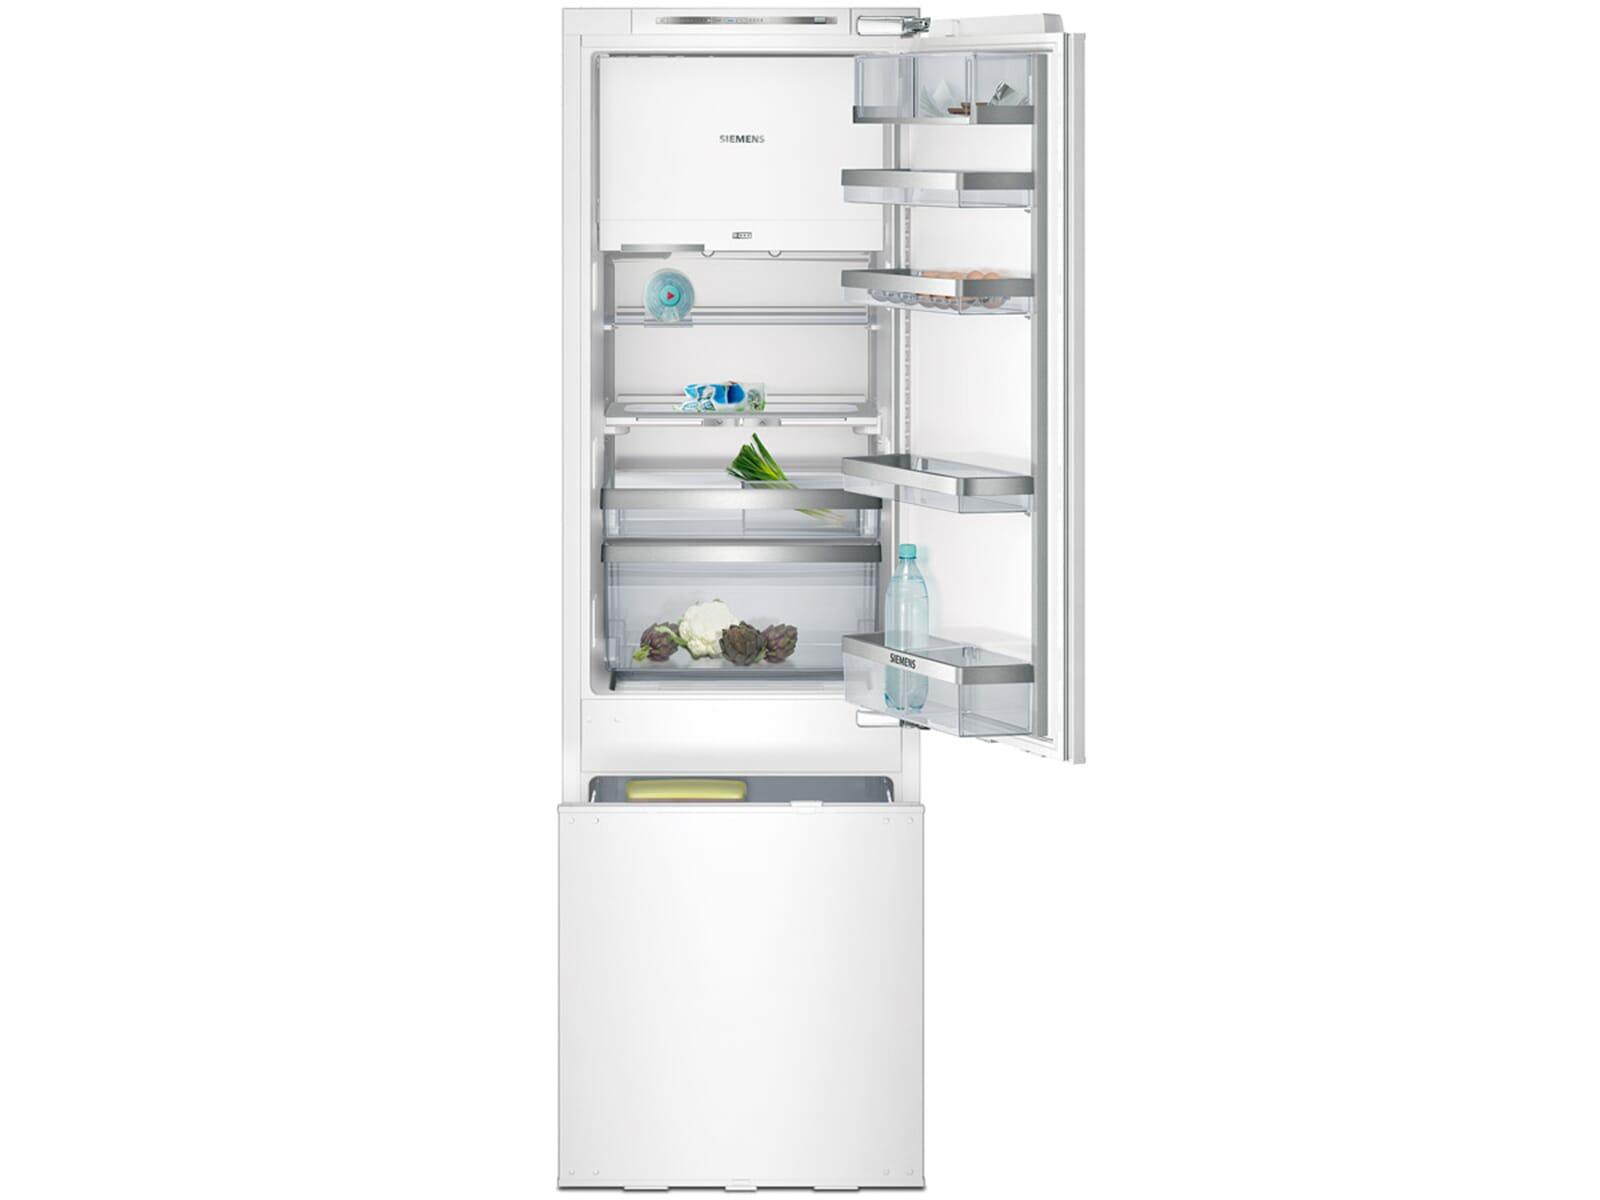 Siemens Kühlschrank Mit Getränkeschublade : Getränkeschublade serfaus appartements und zimmer